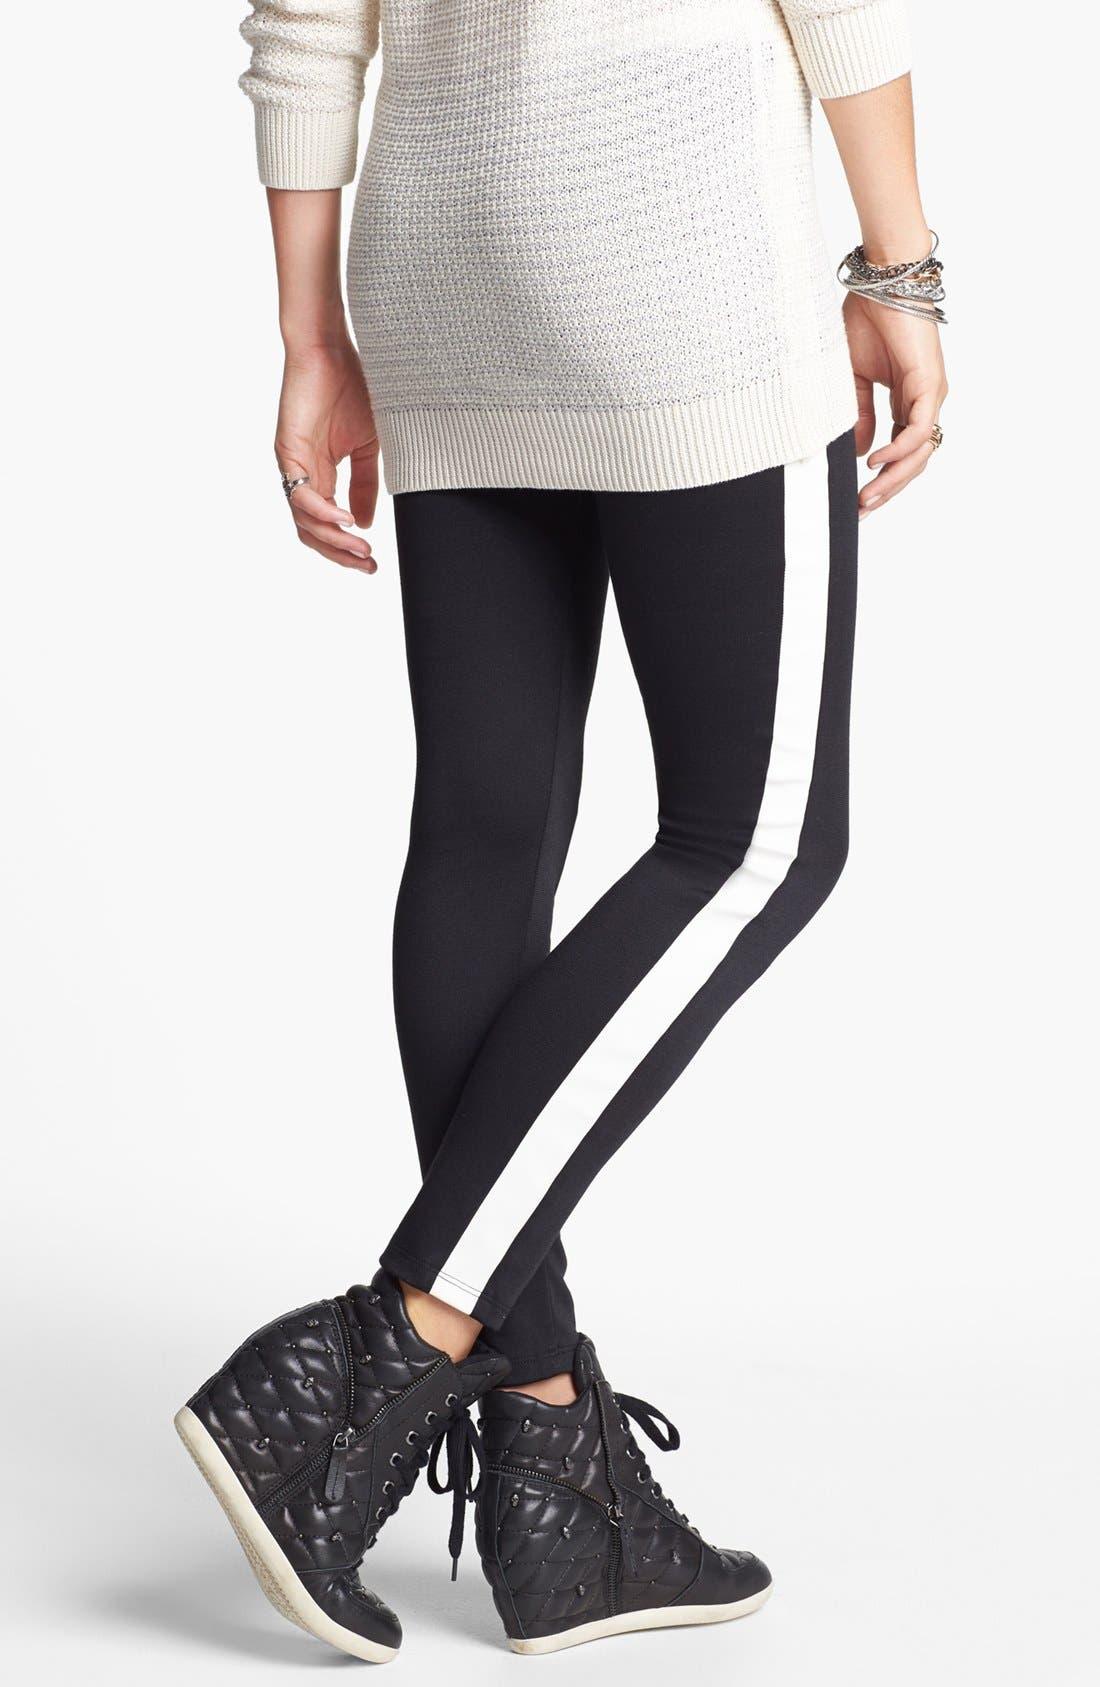 Main Image - Lily White Tuxedo Stripe Leggings (Juniors) (Online Only)